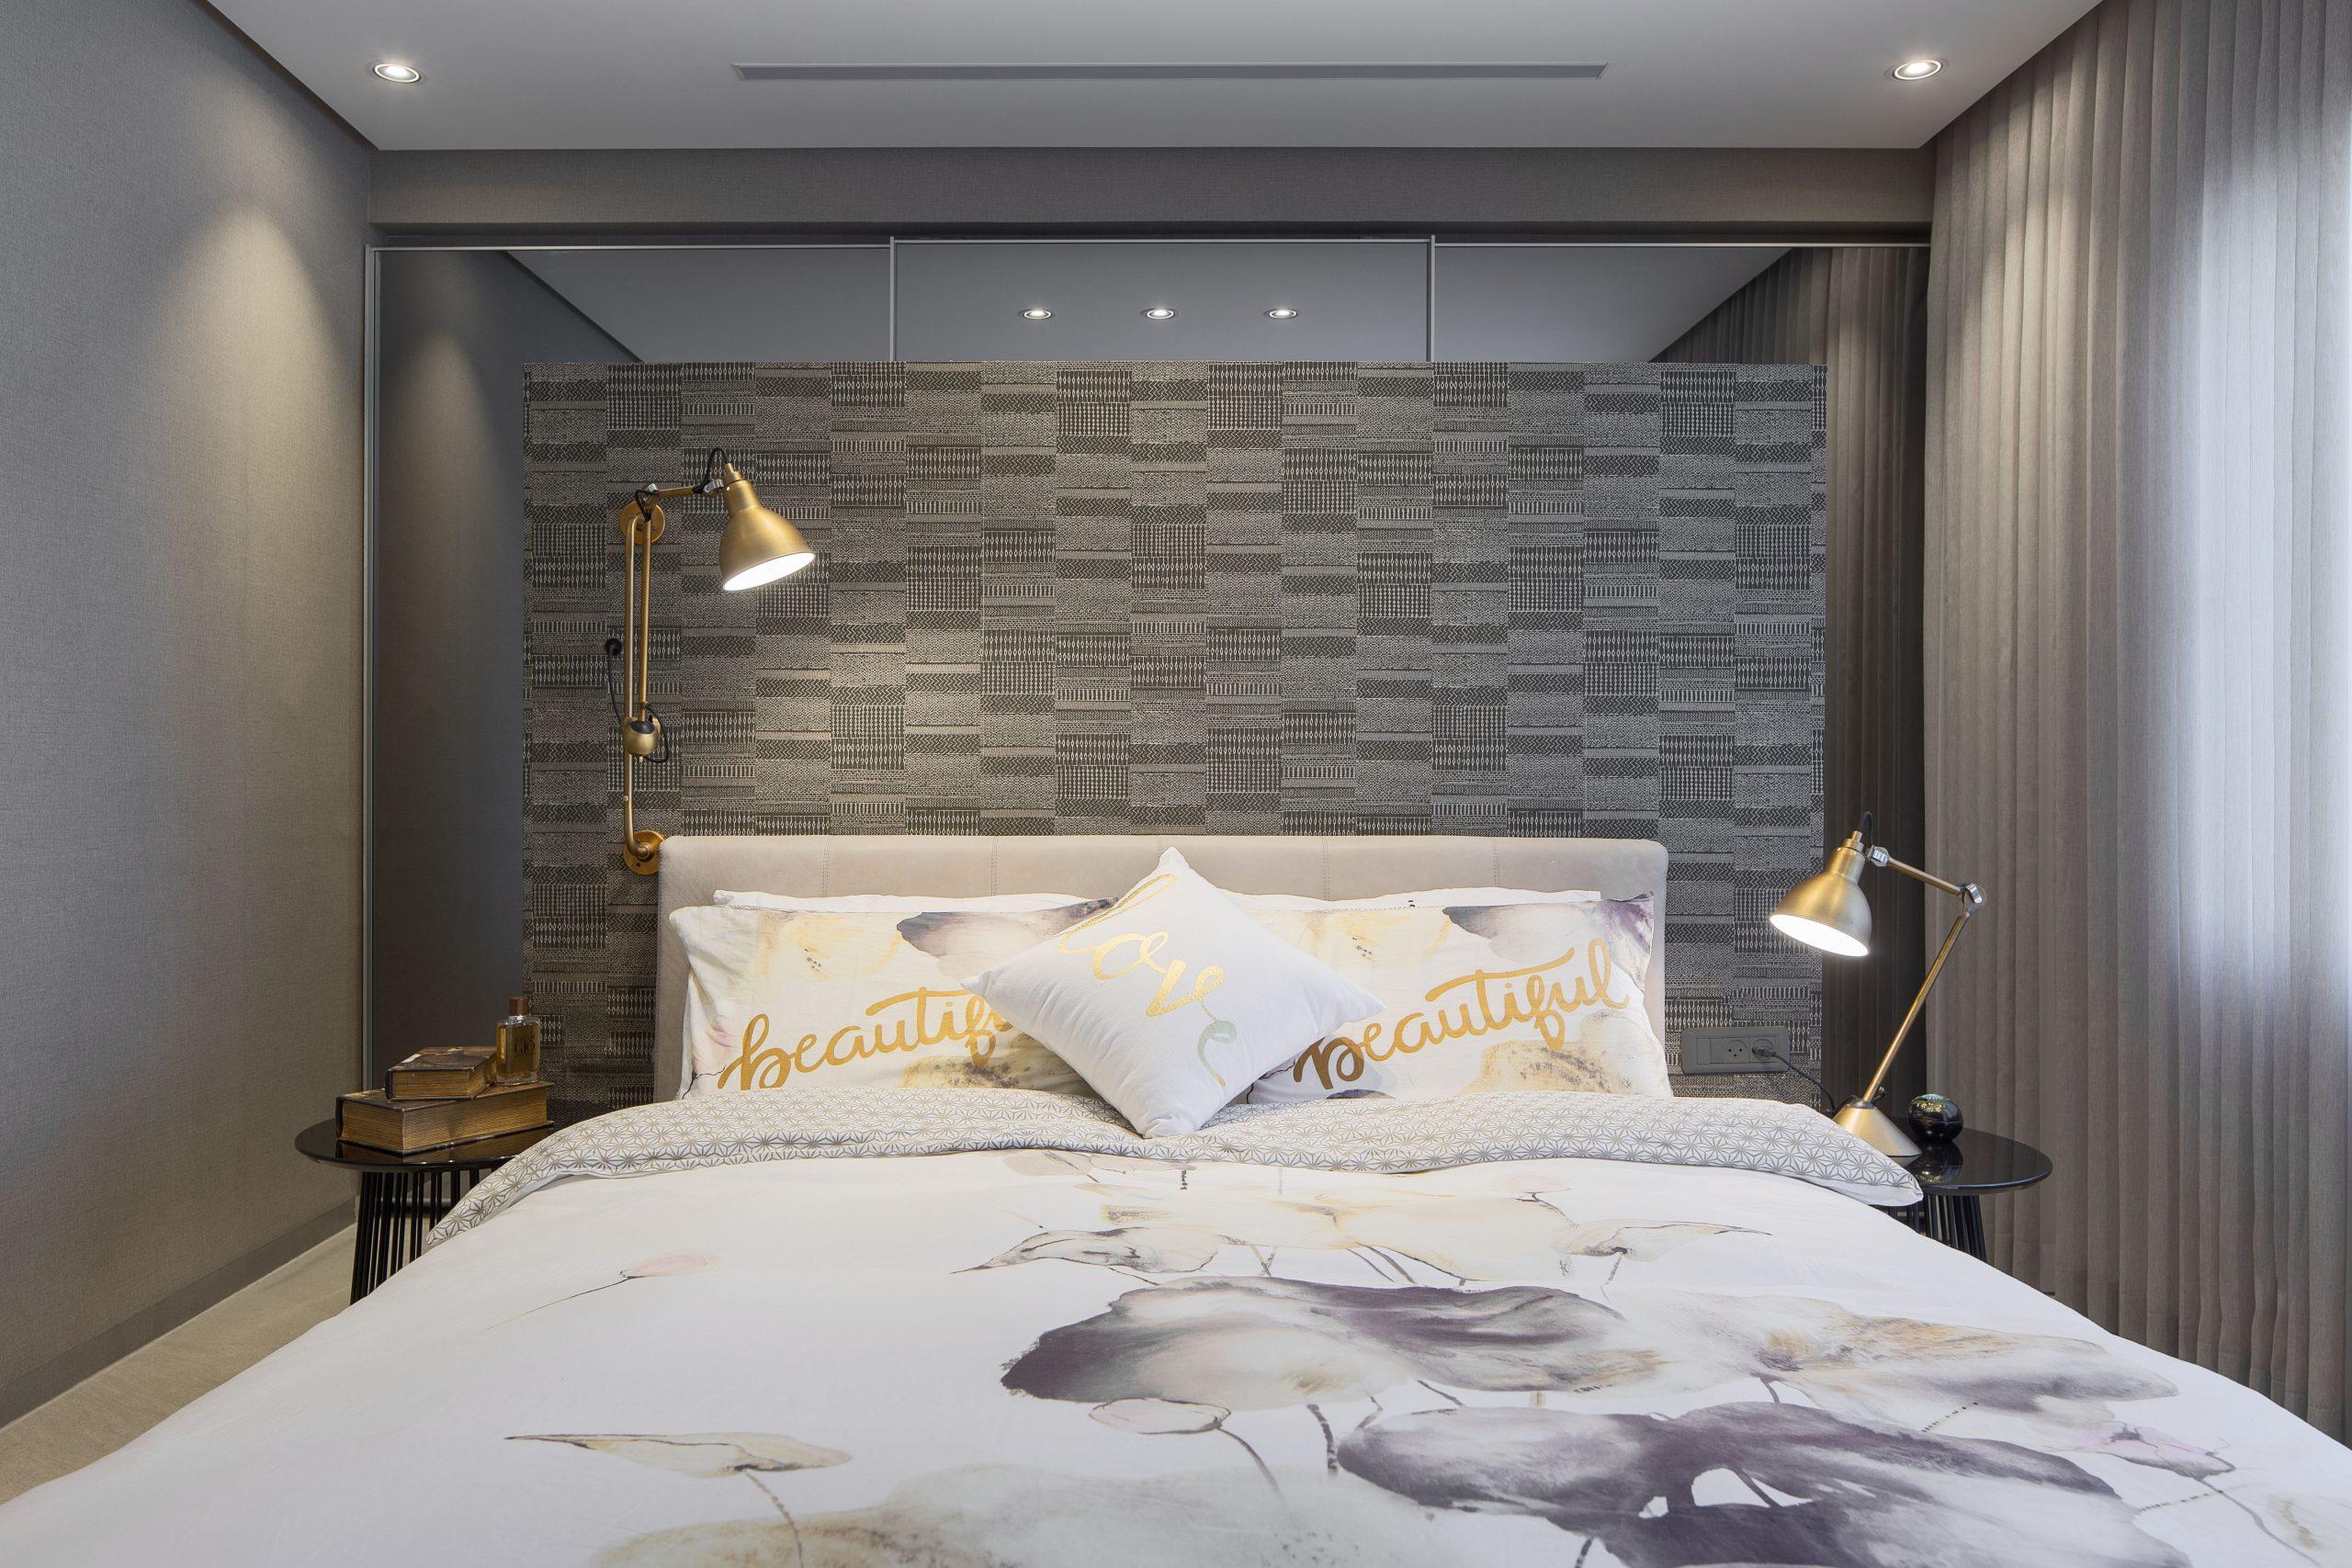 תאורה מעוצבת לחדר שינה